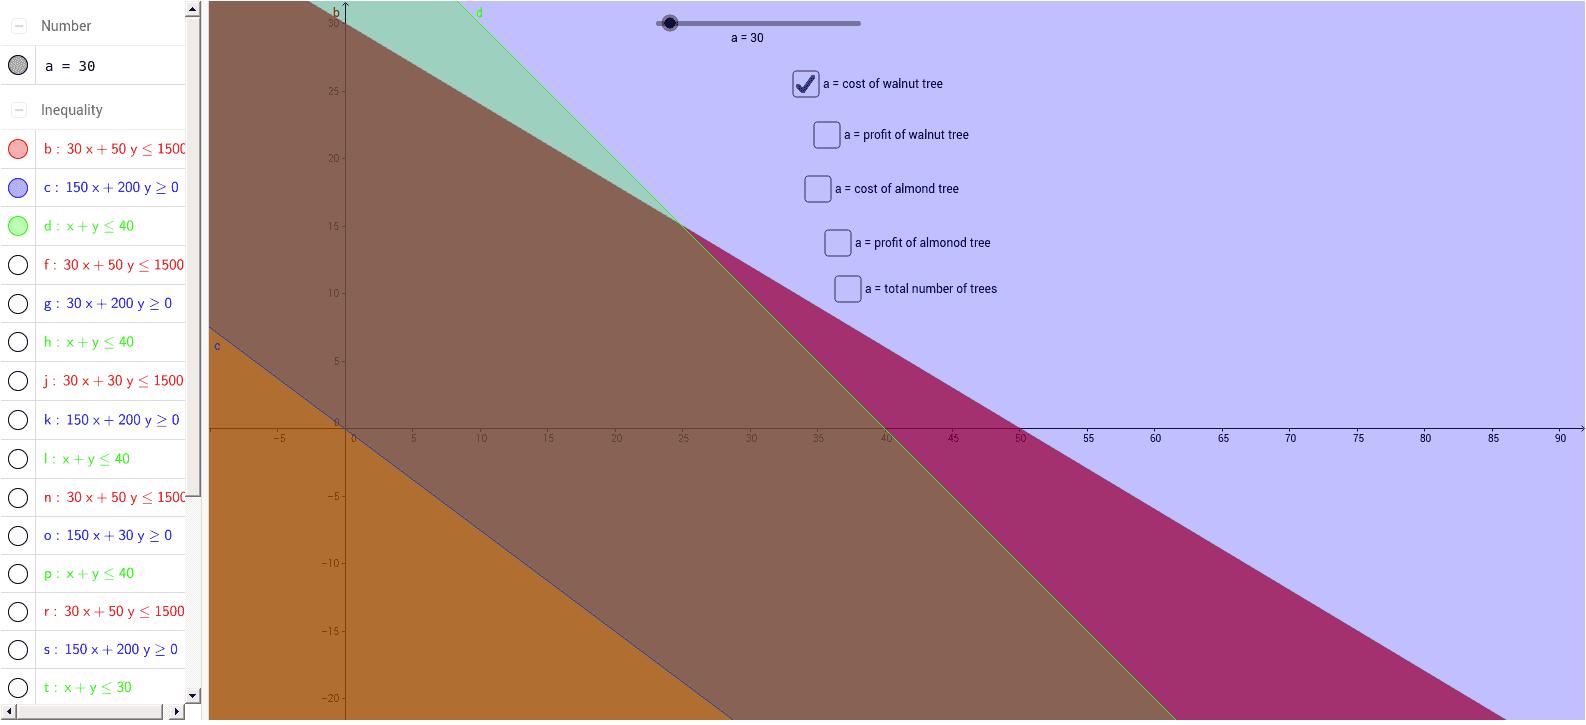 Linear Programming - Tree Farm Problem - GeoGebra